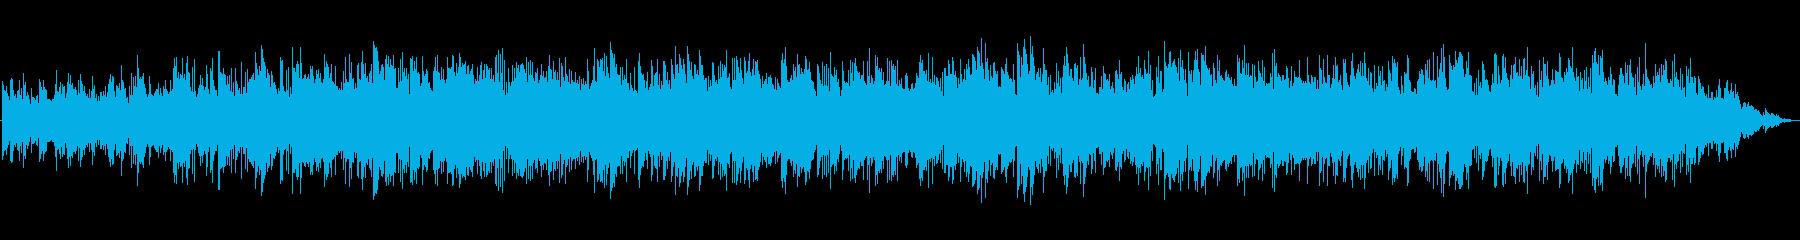 回転する機械を無心で見つめる チルアウトの再生済みの波形